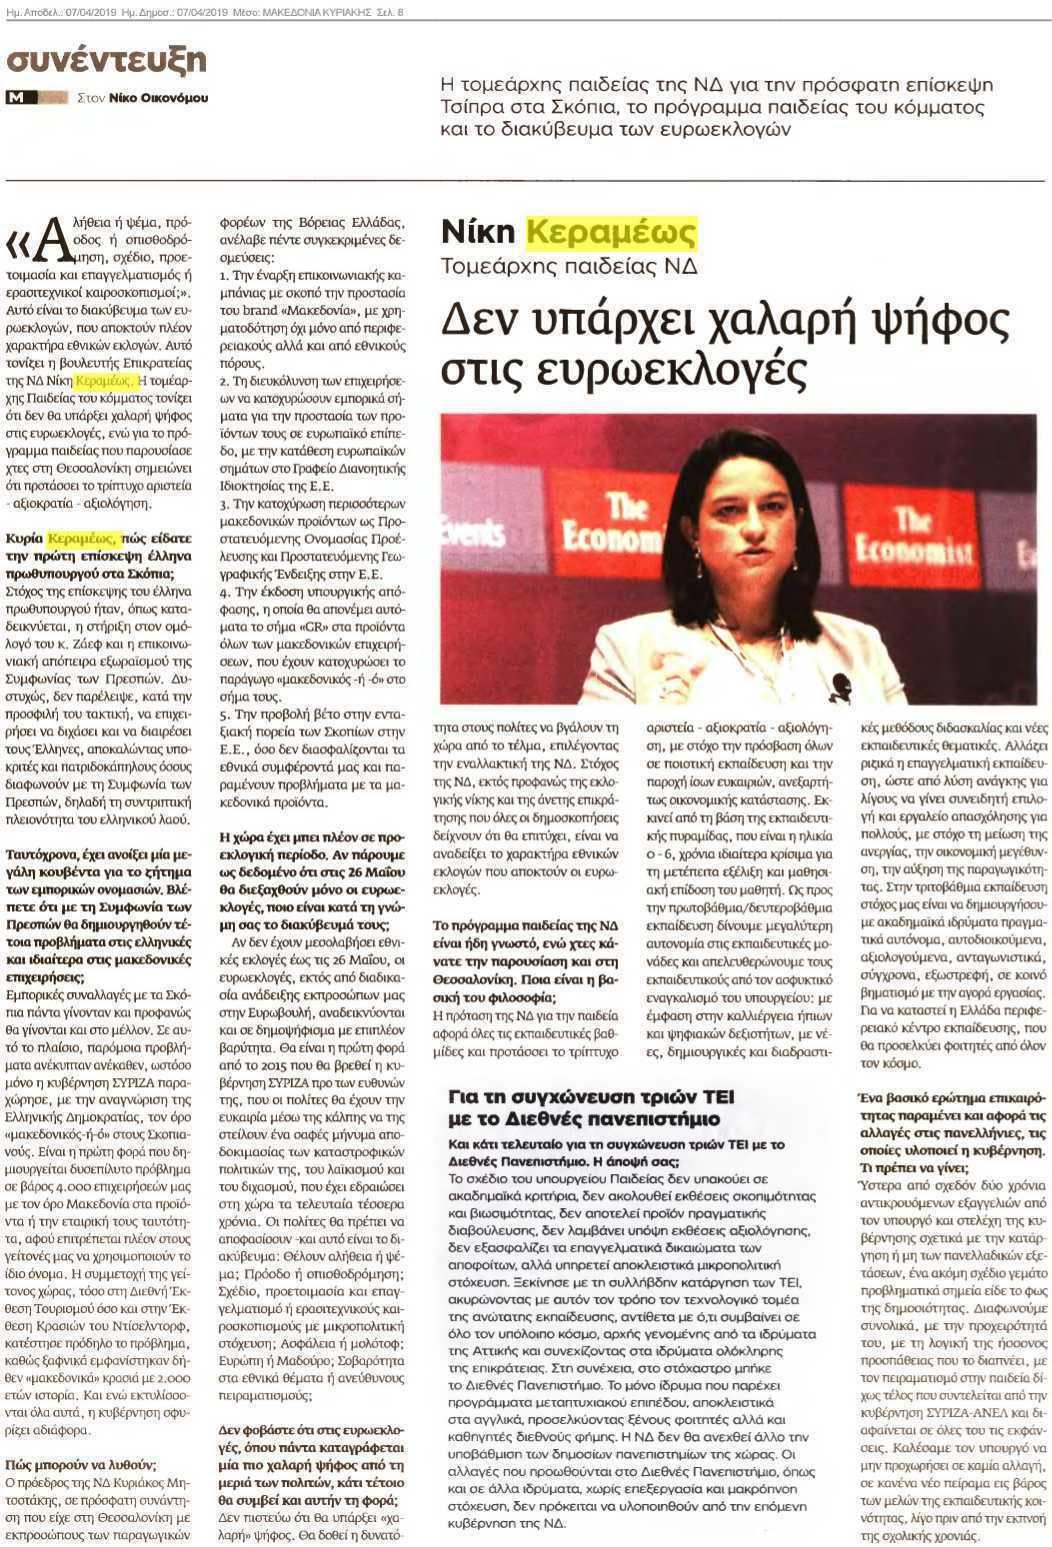 niki kerameos synenteyxi  makedonia kyriakis s8 2019-04-07